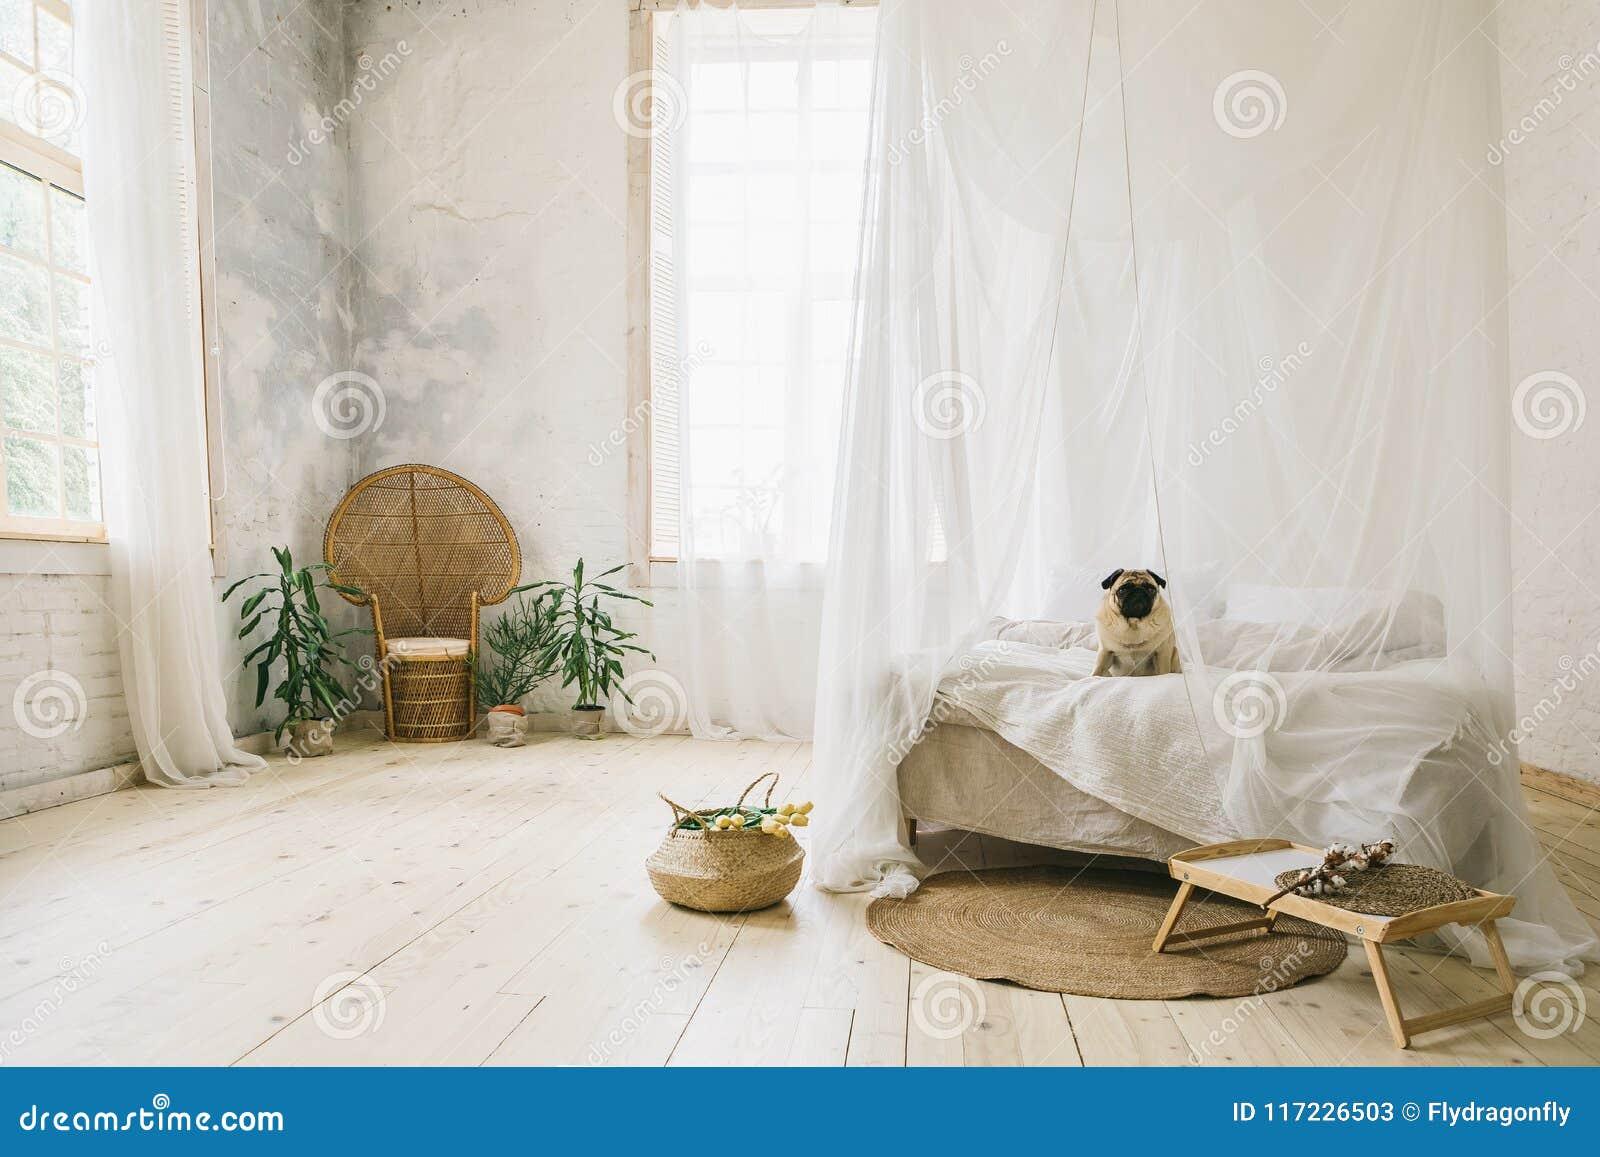 sunny skandinavian stijl binnenlandse slaapkamer houten vloer natuurlijke materialen hondzitting op het bed